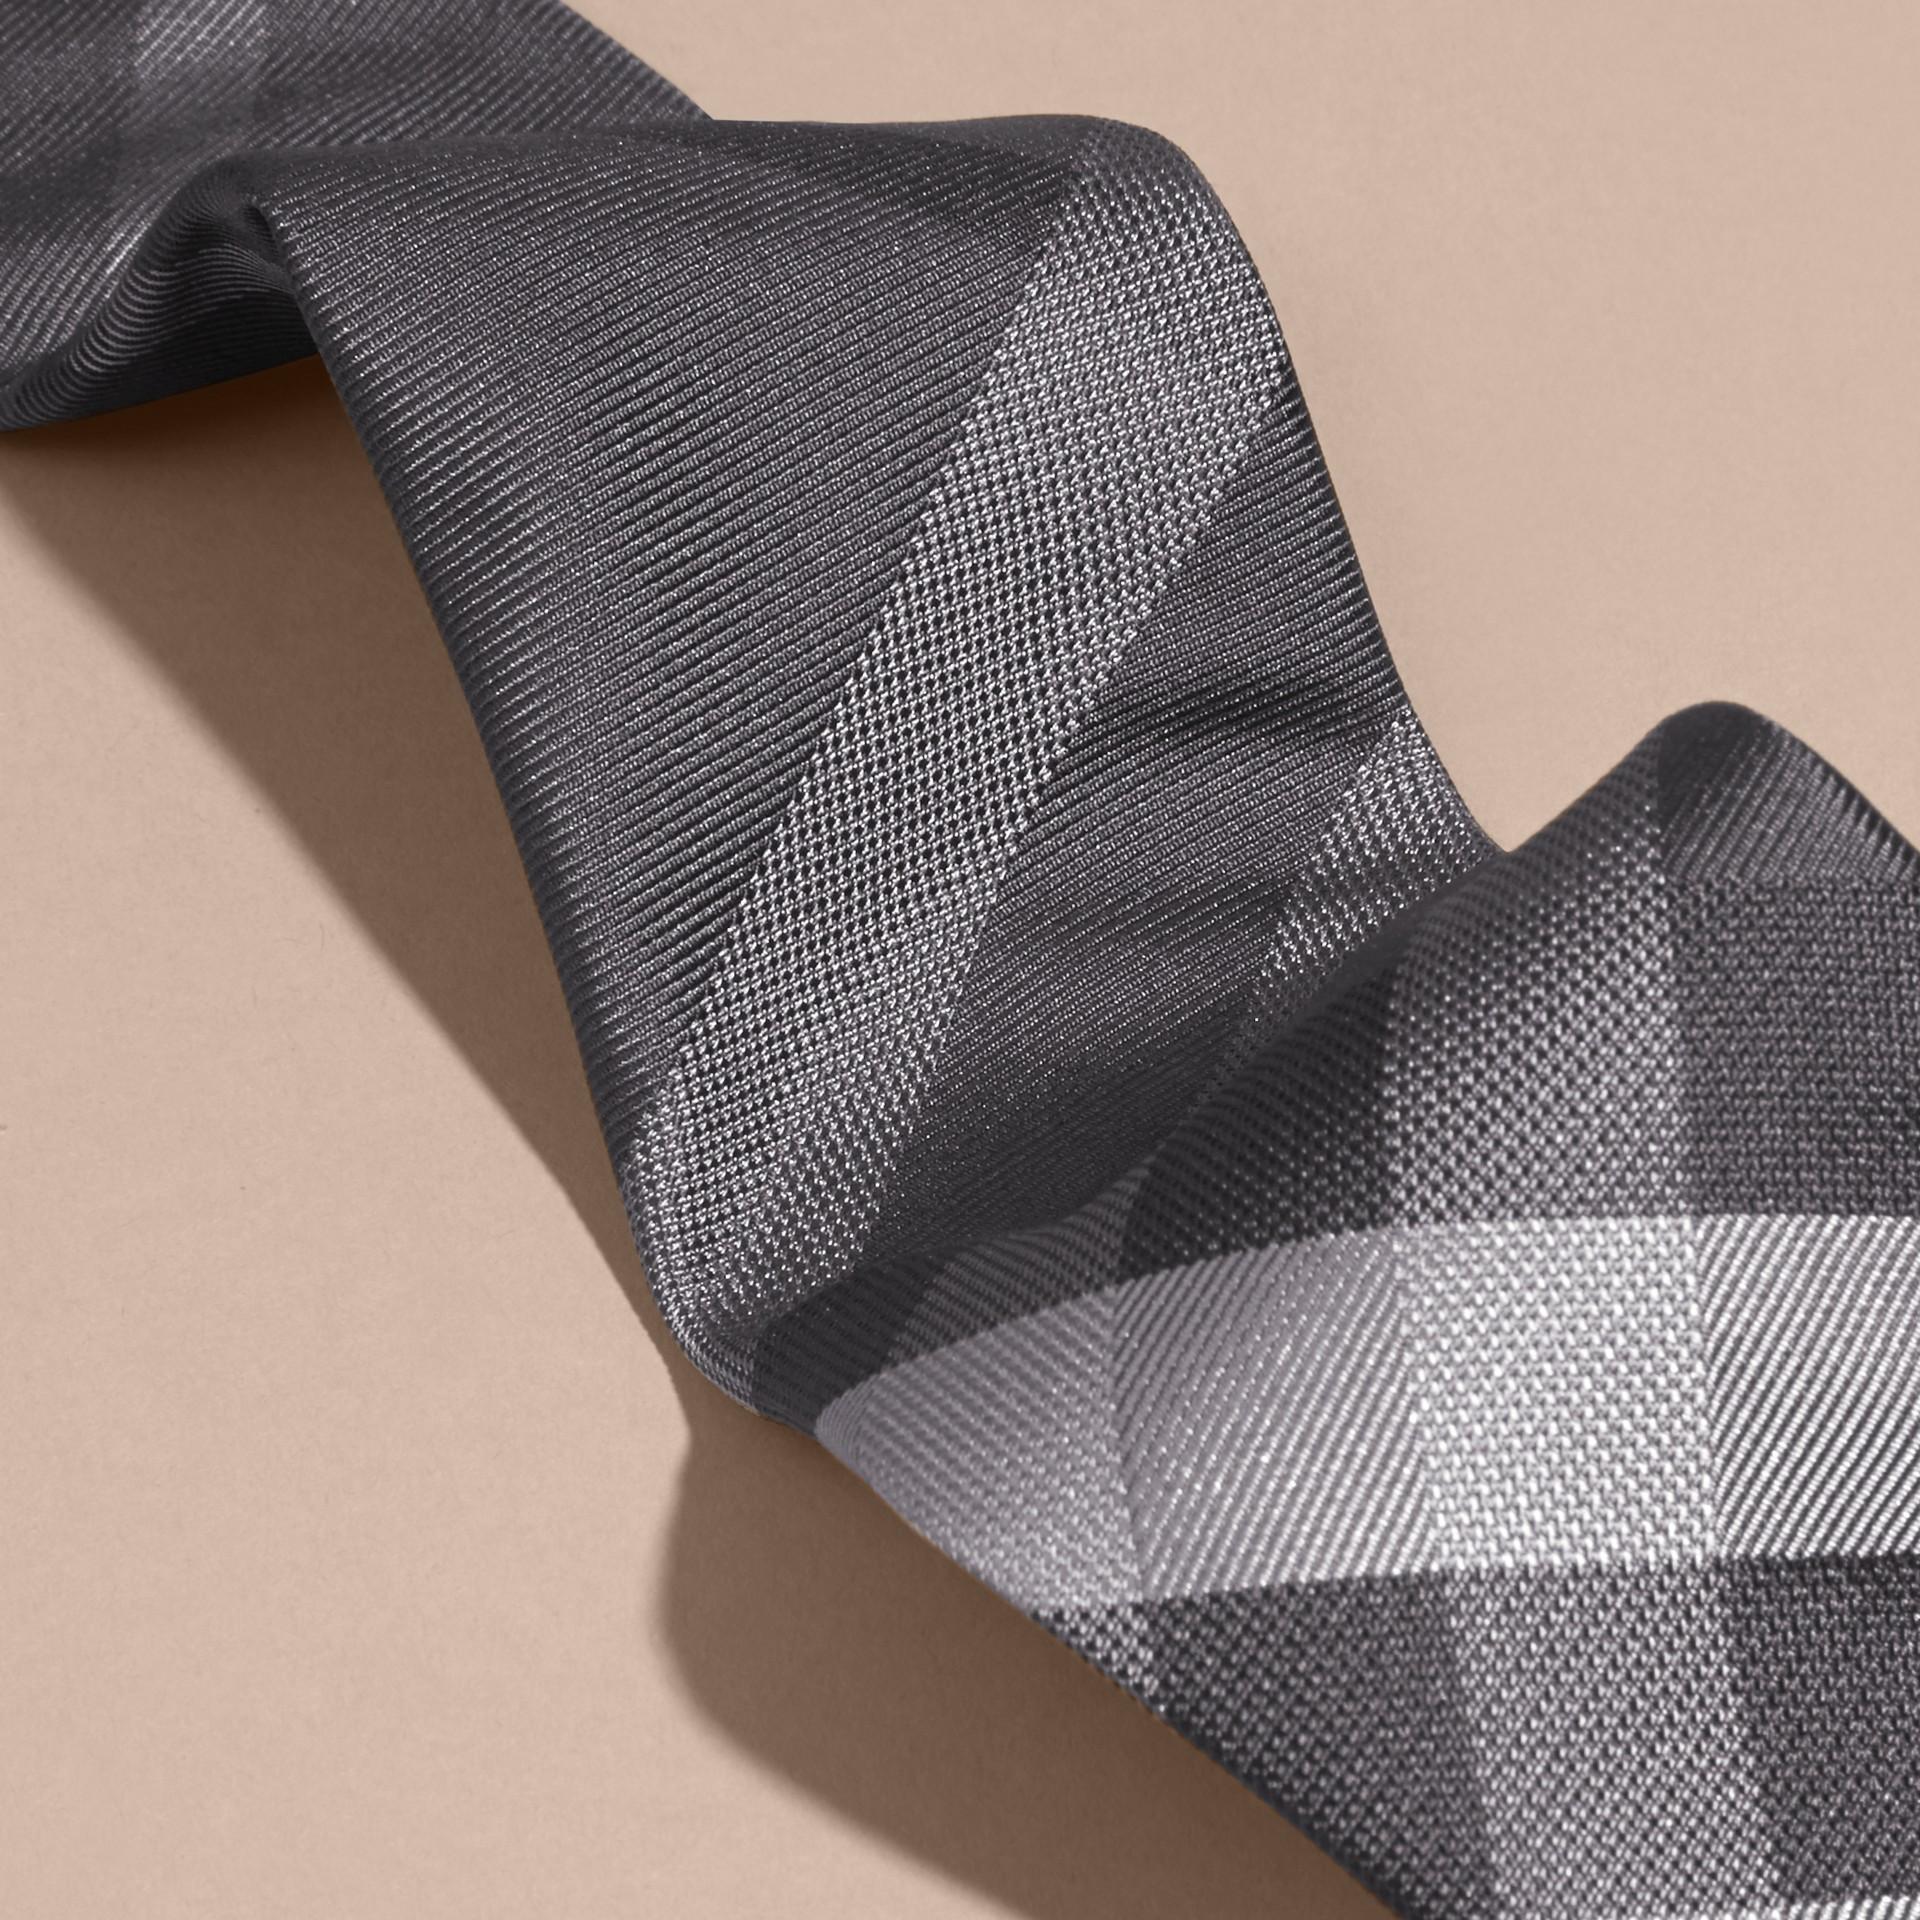 Anthracite sombre Cravate moderne en soie à motif Beat check - photo de la galerie 2